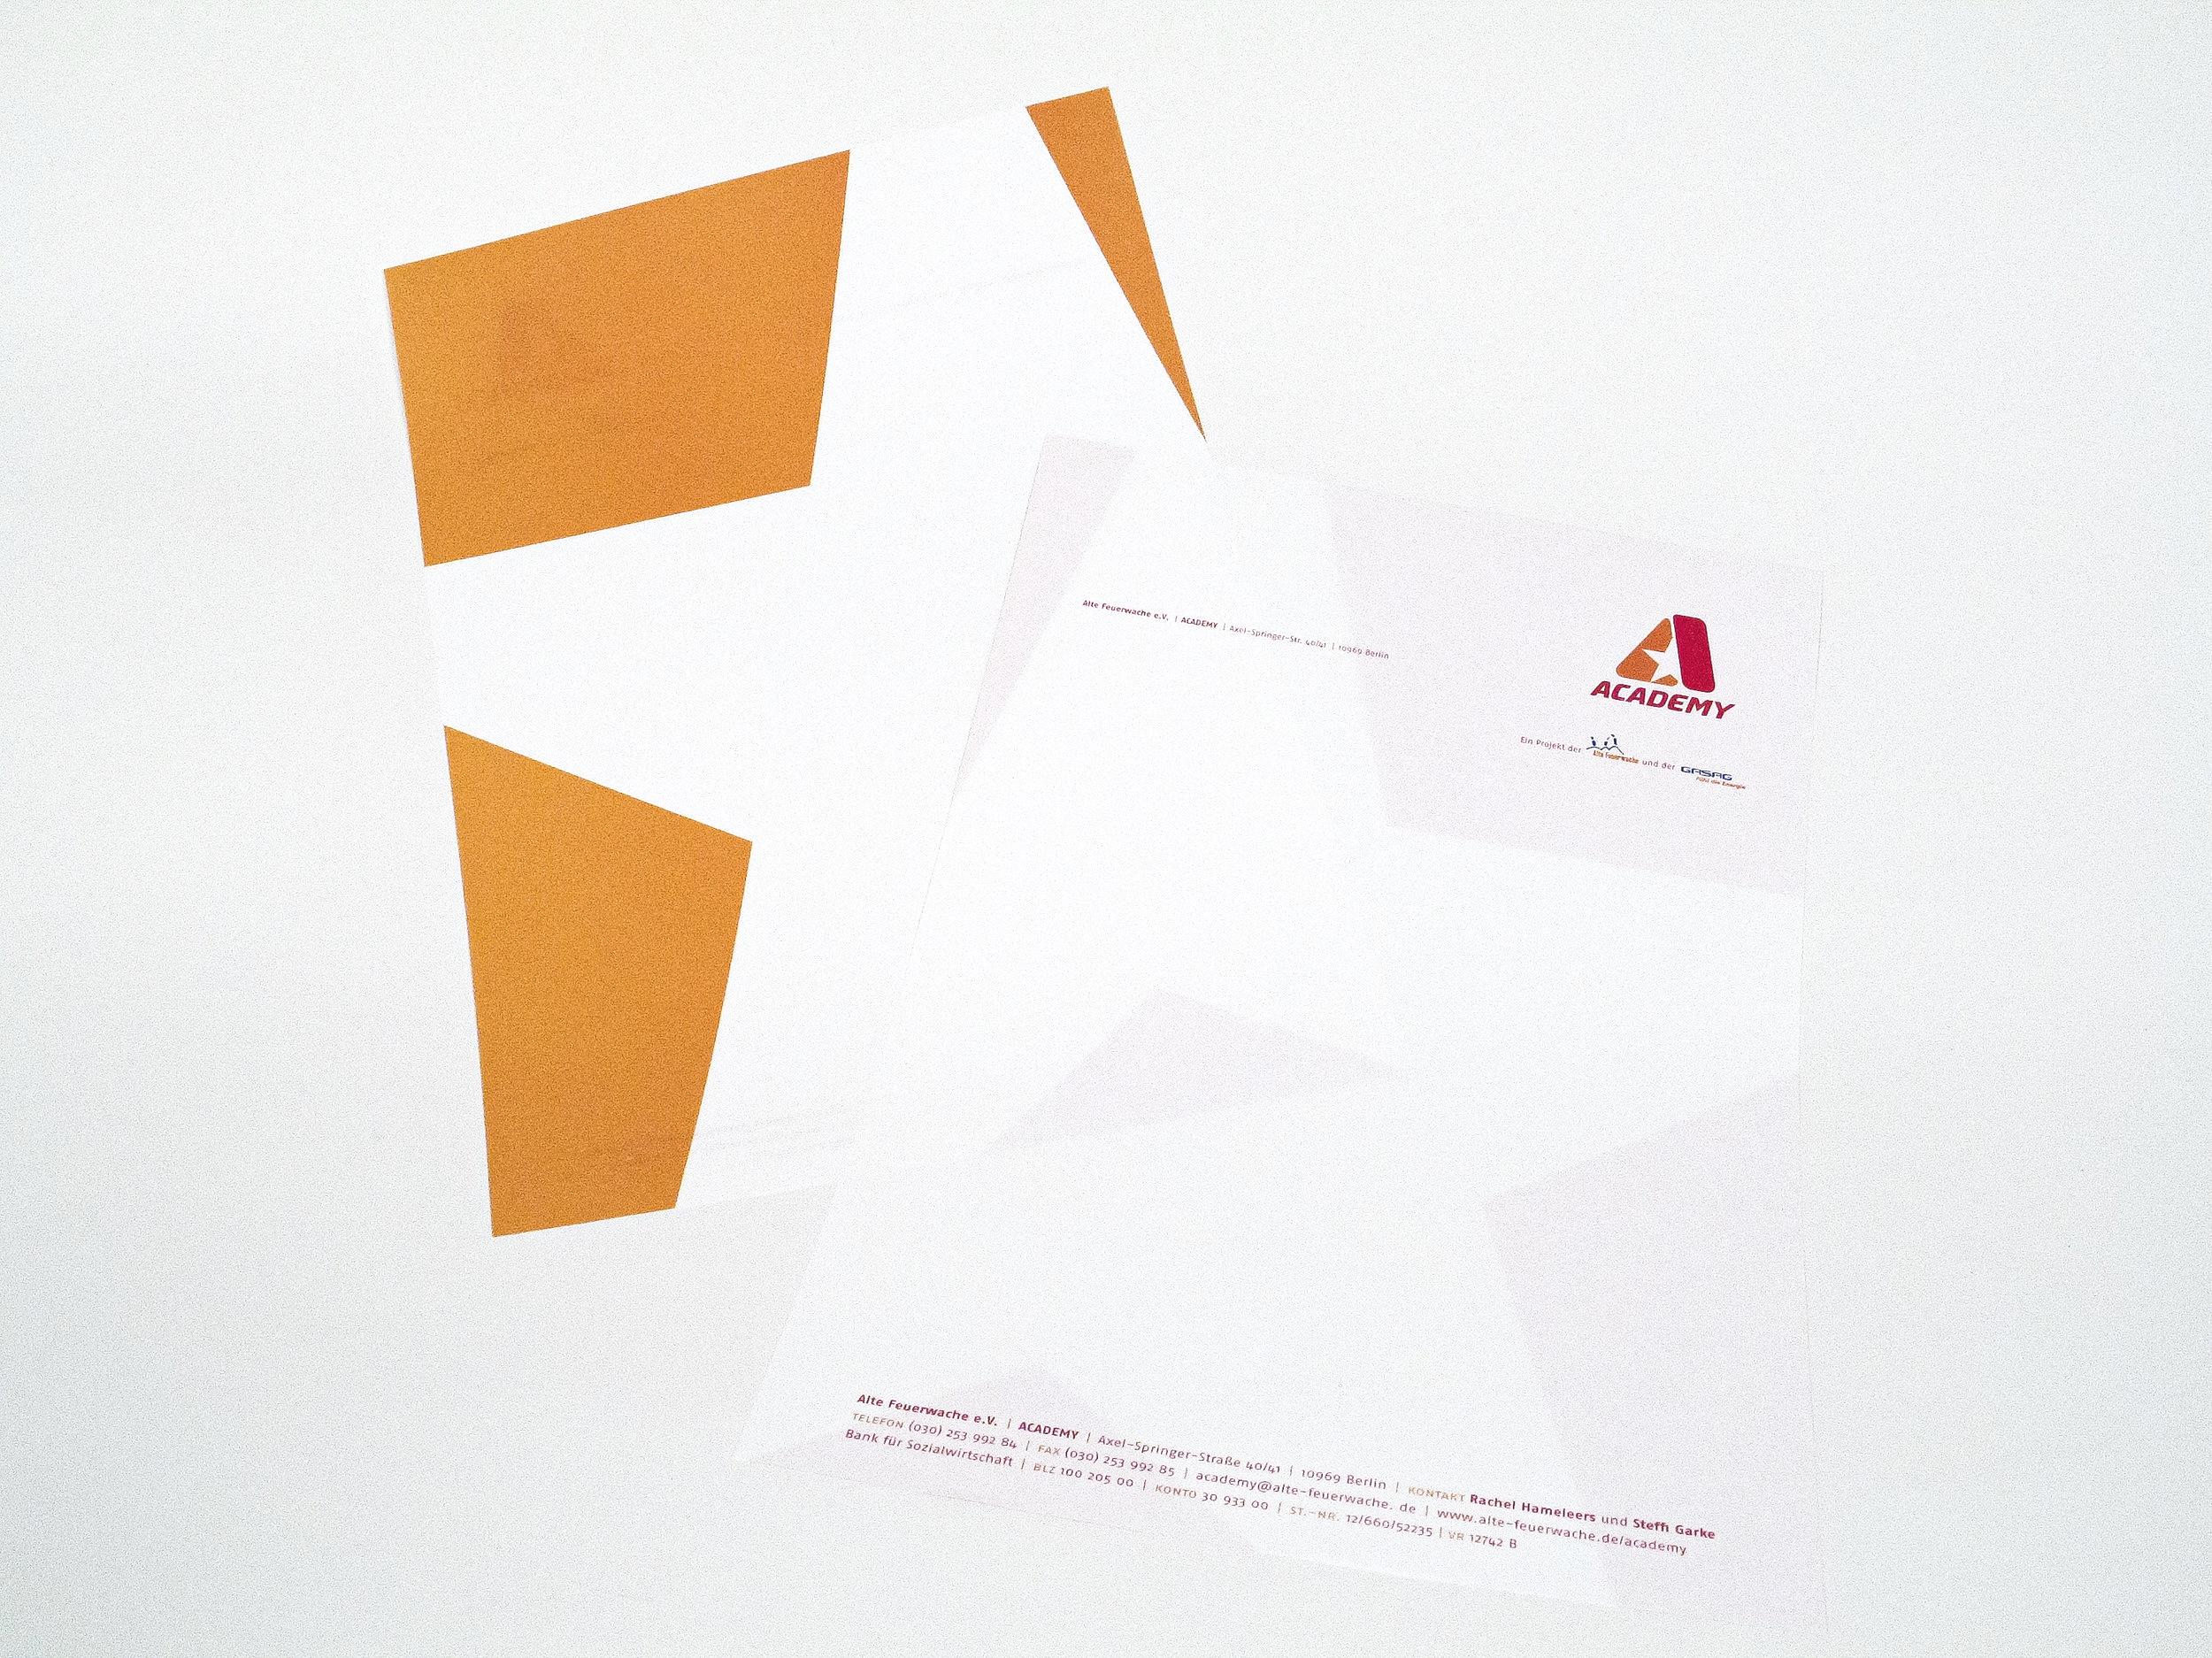 Briefpapier und Geschäftsausstattung ACADEMY